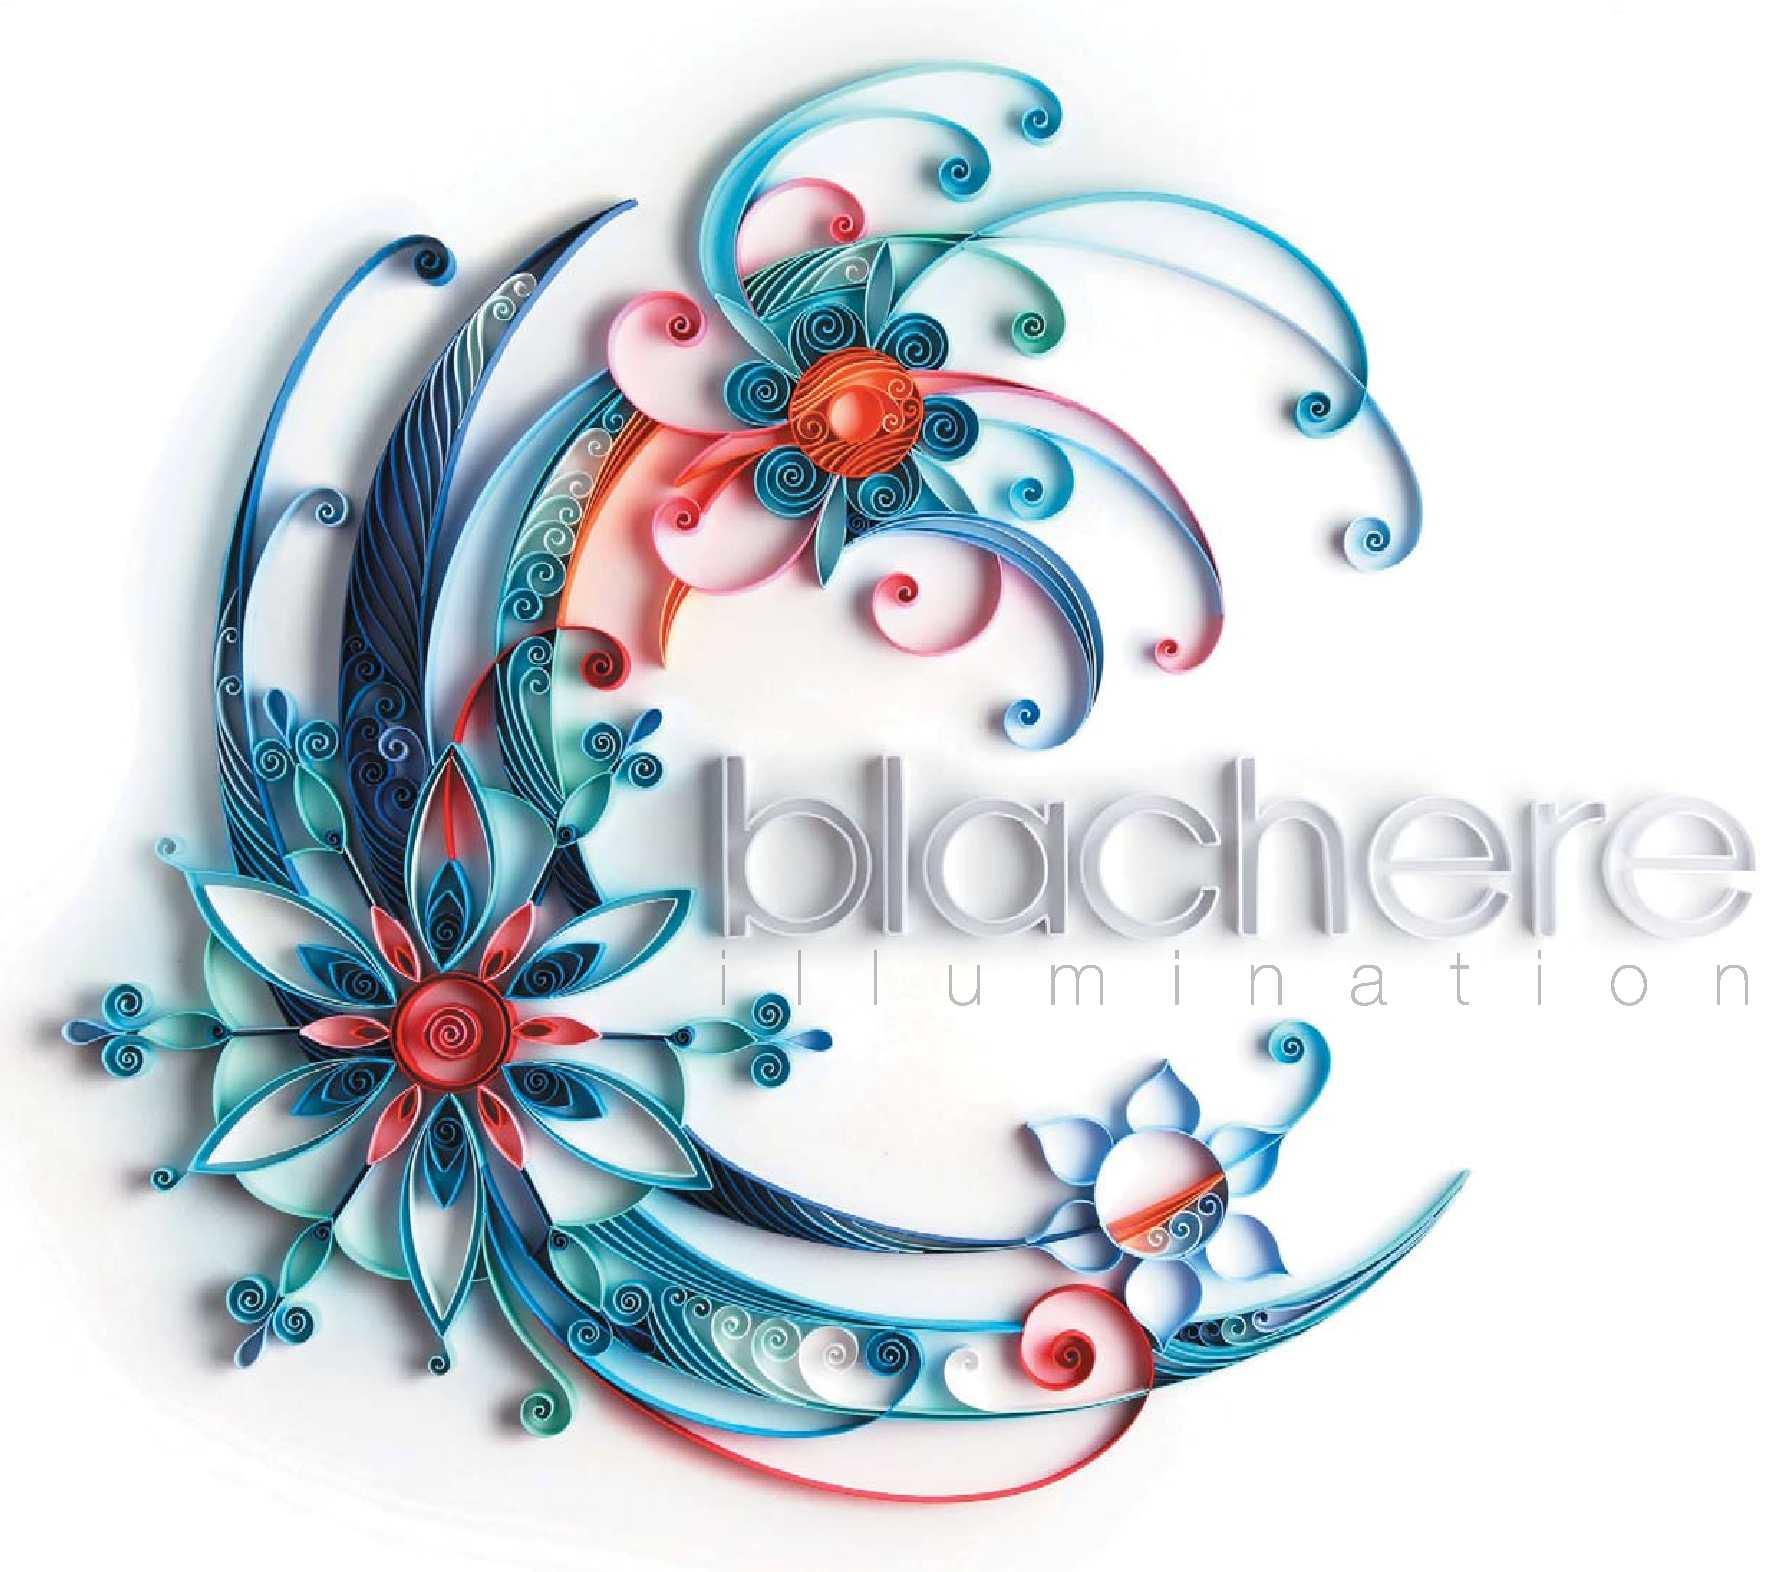 Calaméo - Catalogue Blachère illumination 2010 UK